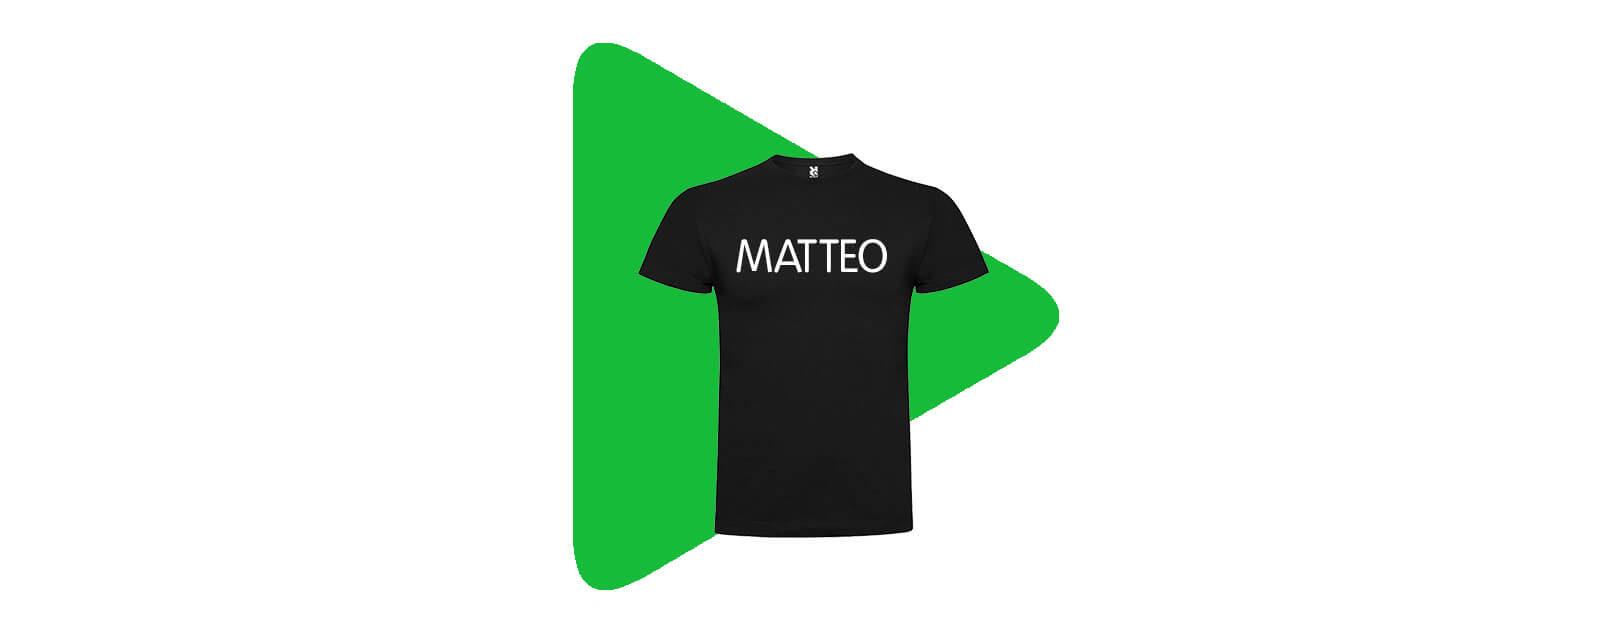 Maglietta personalizzata con nome